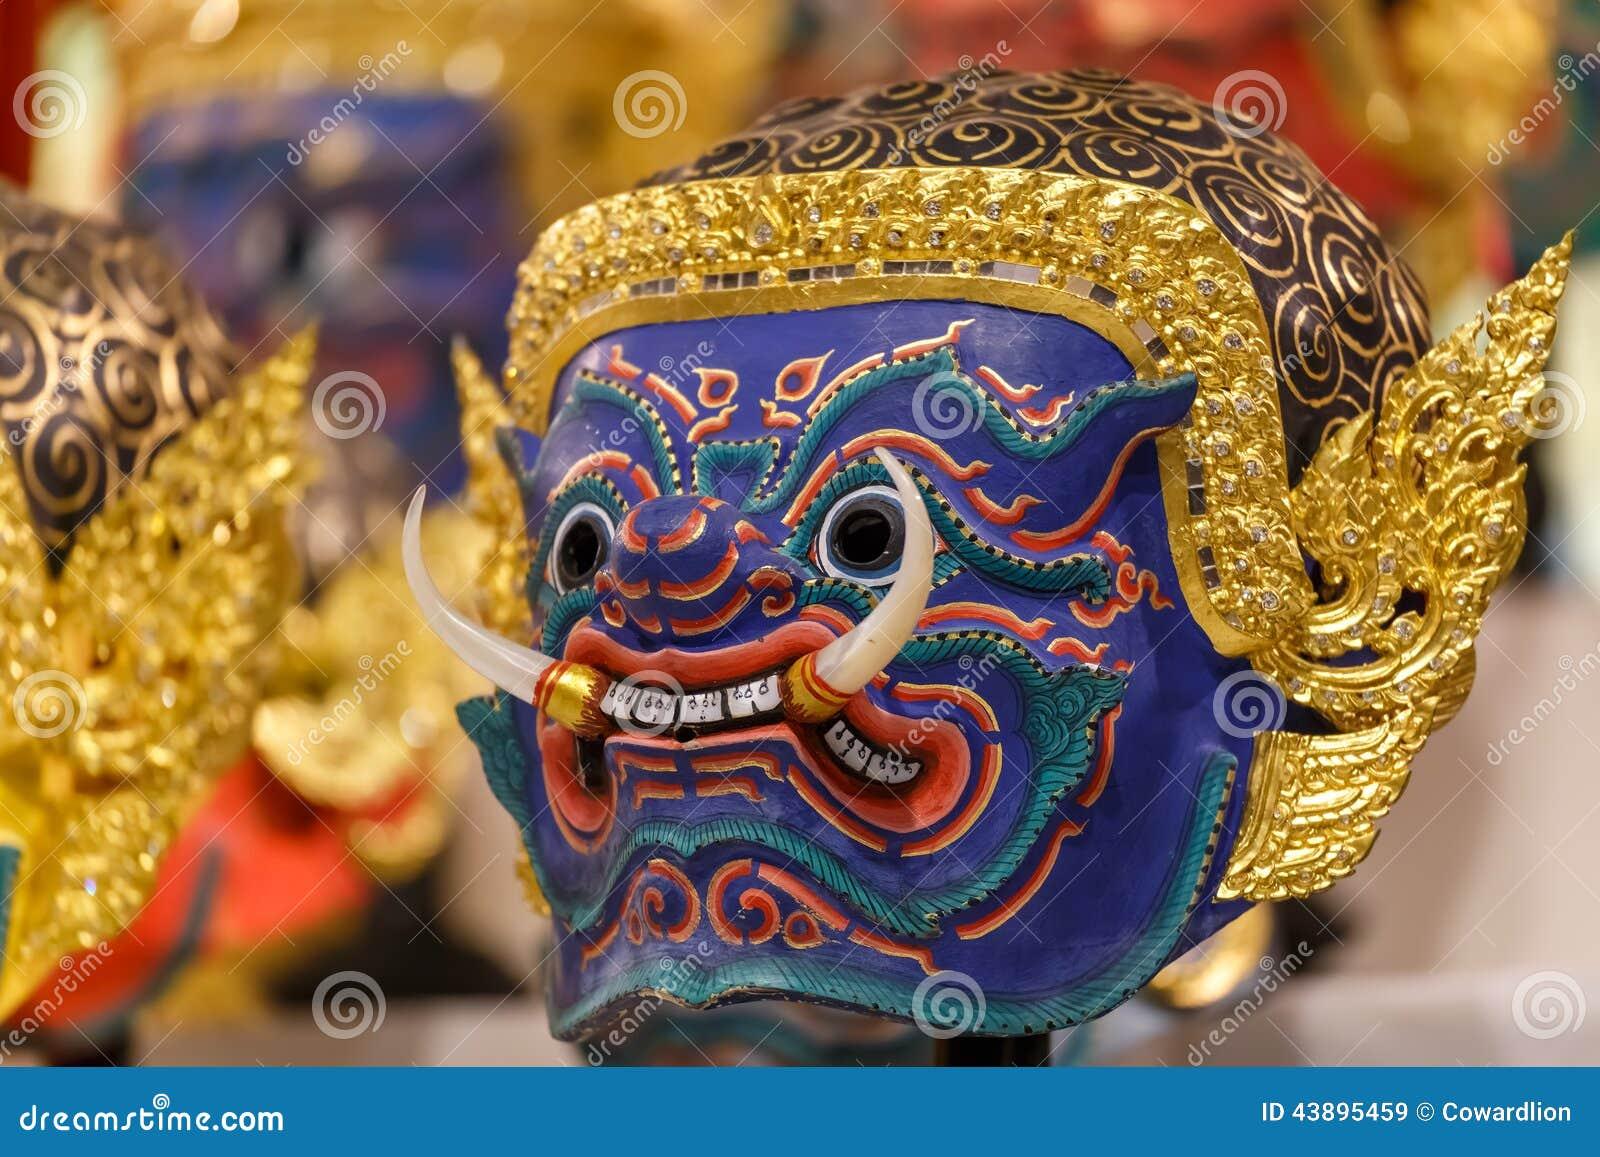 choisir le dernier comment trouver grande sélection Hua Khon (masque Traditionnel Thaïlandais) Image stock ...